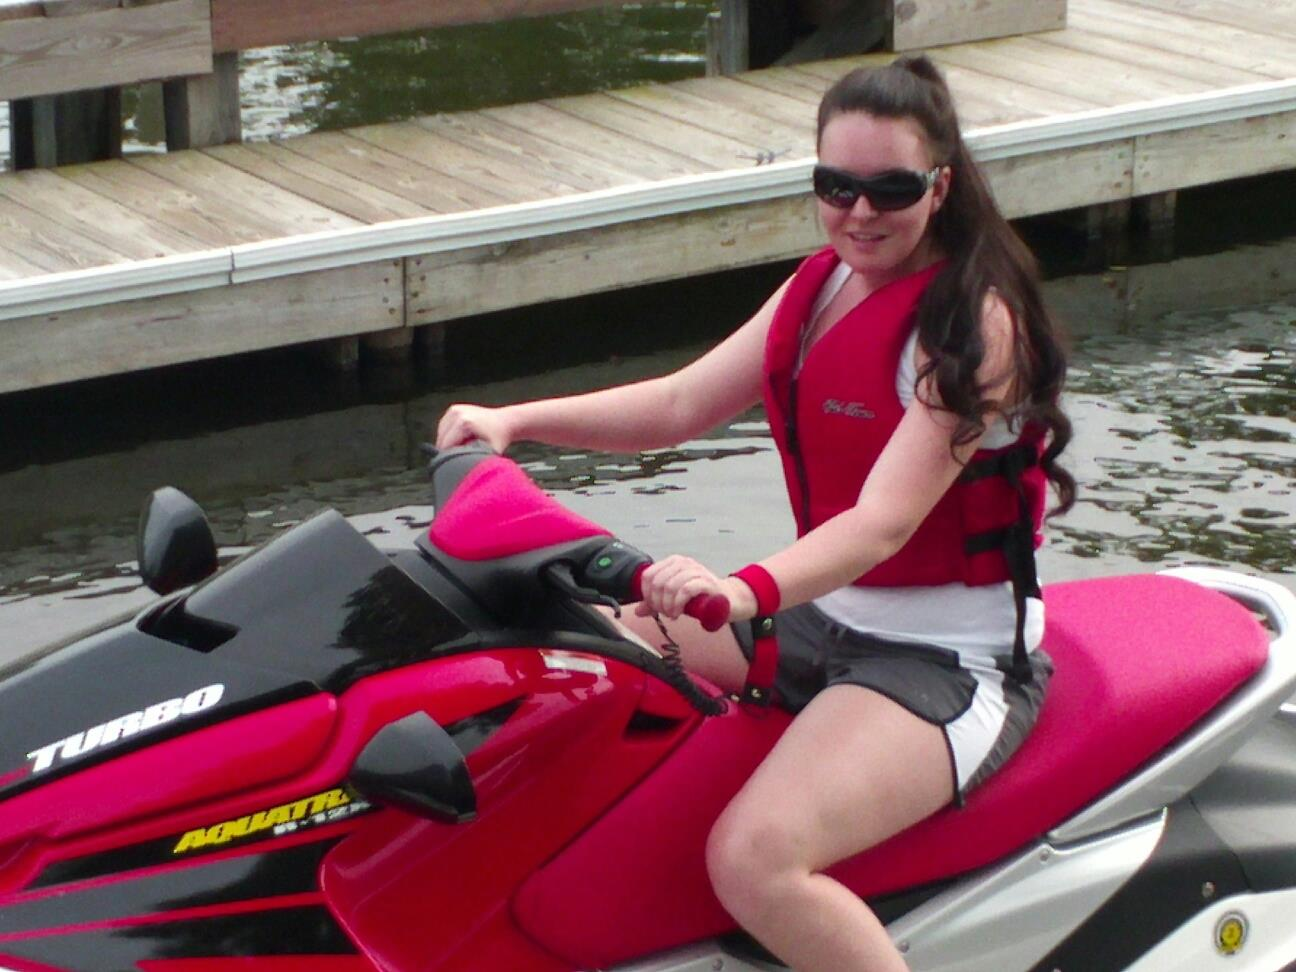 Jet_Ski_and_Boat_Rental_Margaret.jpg